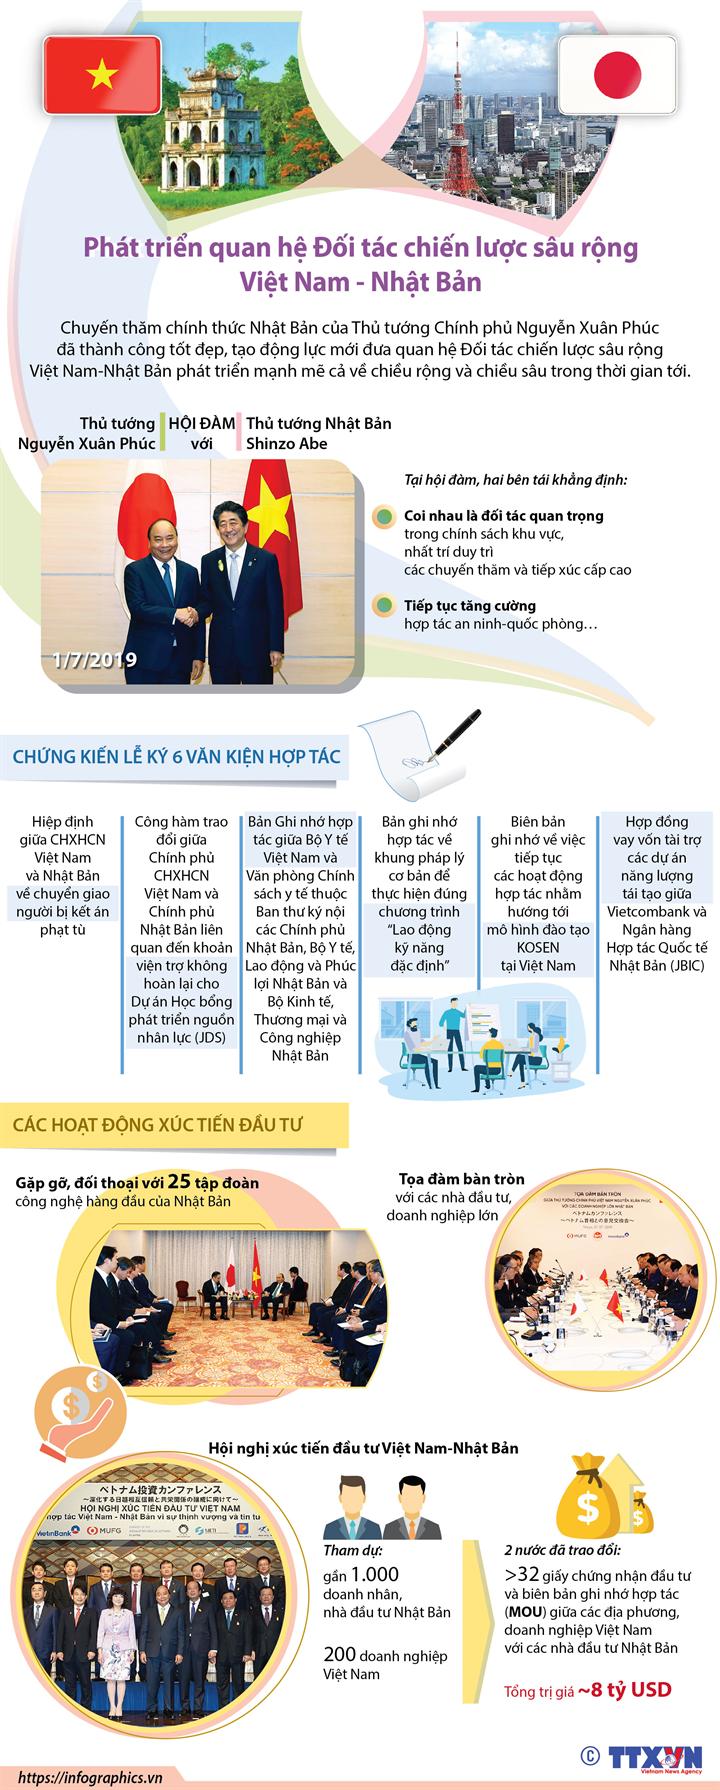 Phát triển quan hệ Đối tác chiến lược sâu rộng Việt Nam - Nhật Bản